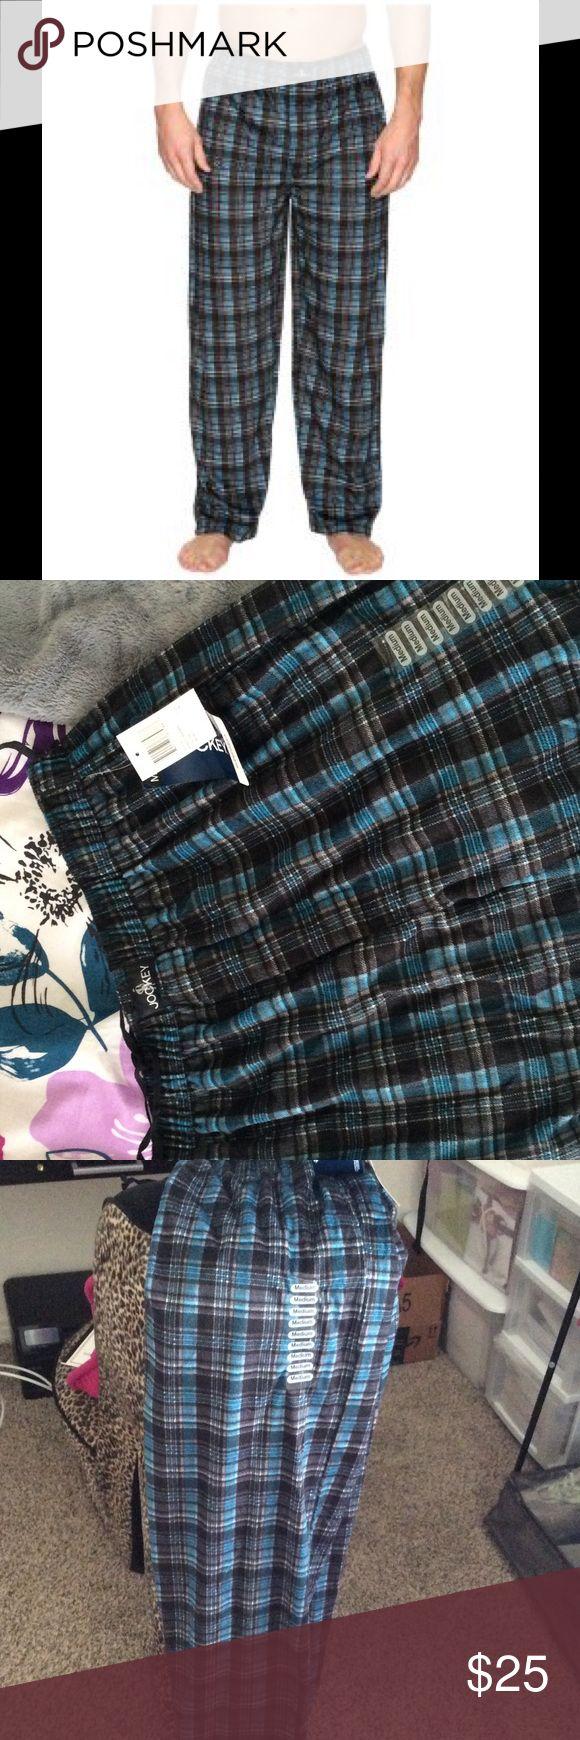 NWT Jockey Men's Sleepwear Fleece Fleece sleepwear bottoms. So comfy! Brand new. Make it yours! Jockey Pants